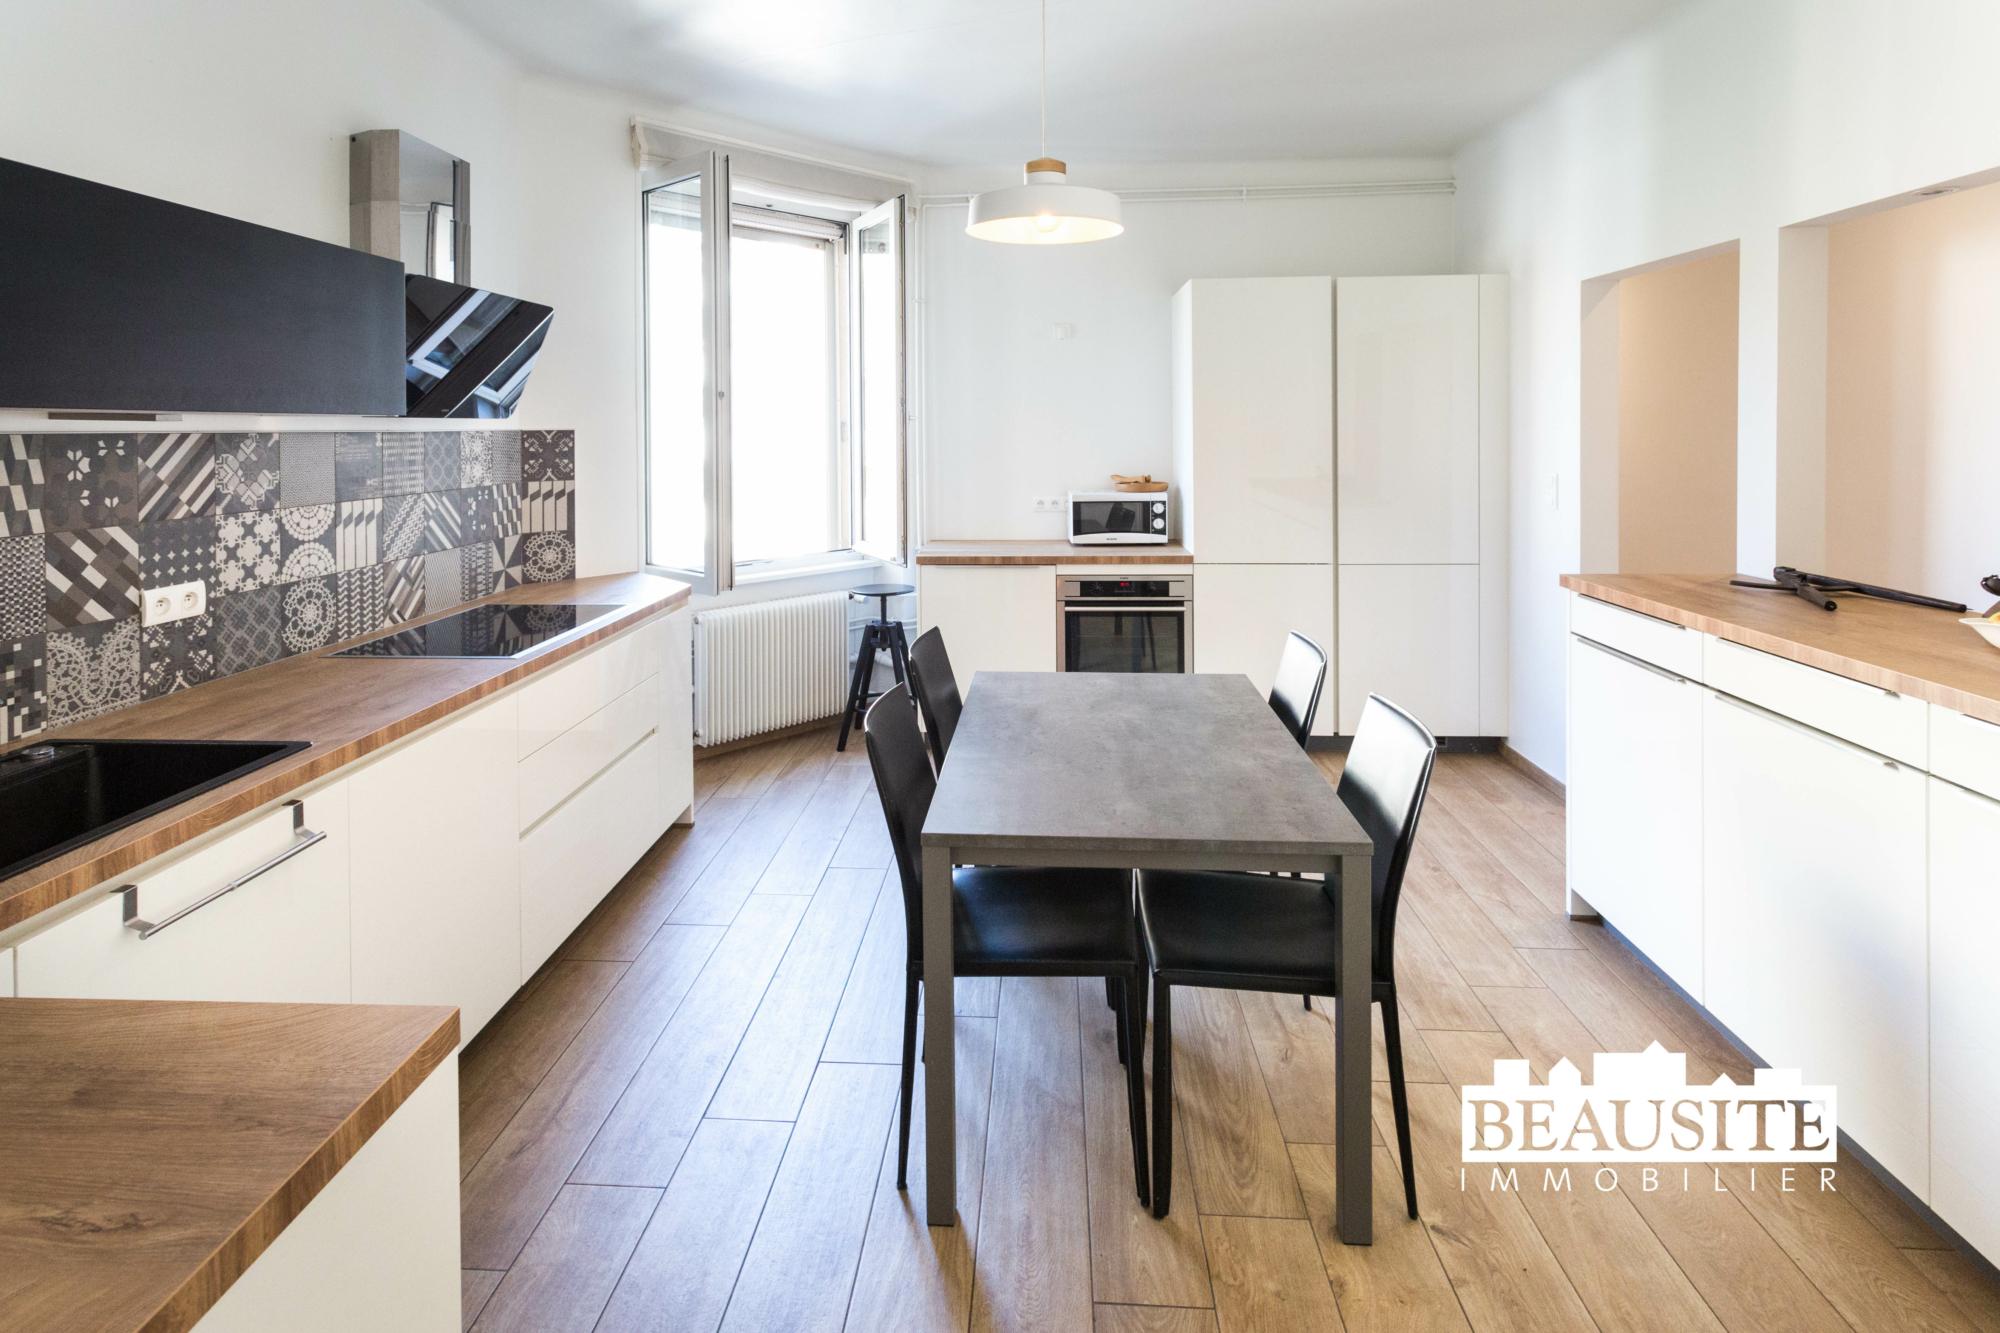 [Sobremesa] L'appartement 5 pièces chaleureux et convivial - Strasbourg / Boulevard du Président Poincaré - nos ventes - Beausite Immobilier 5